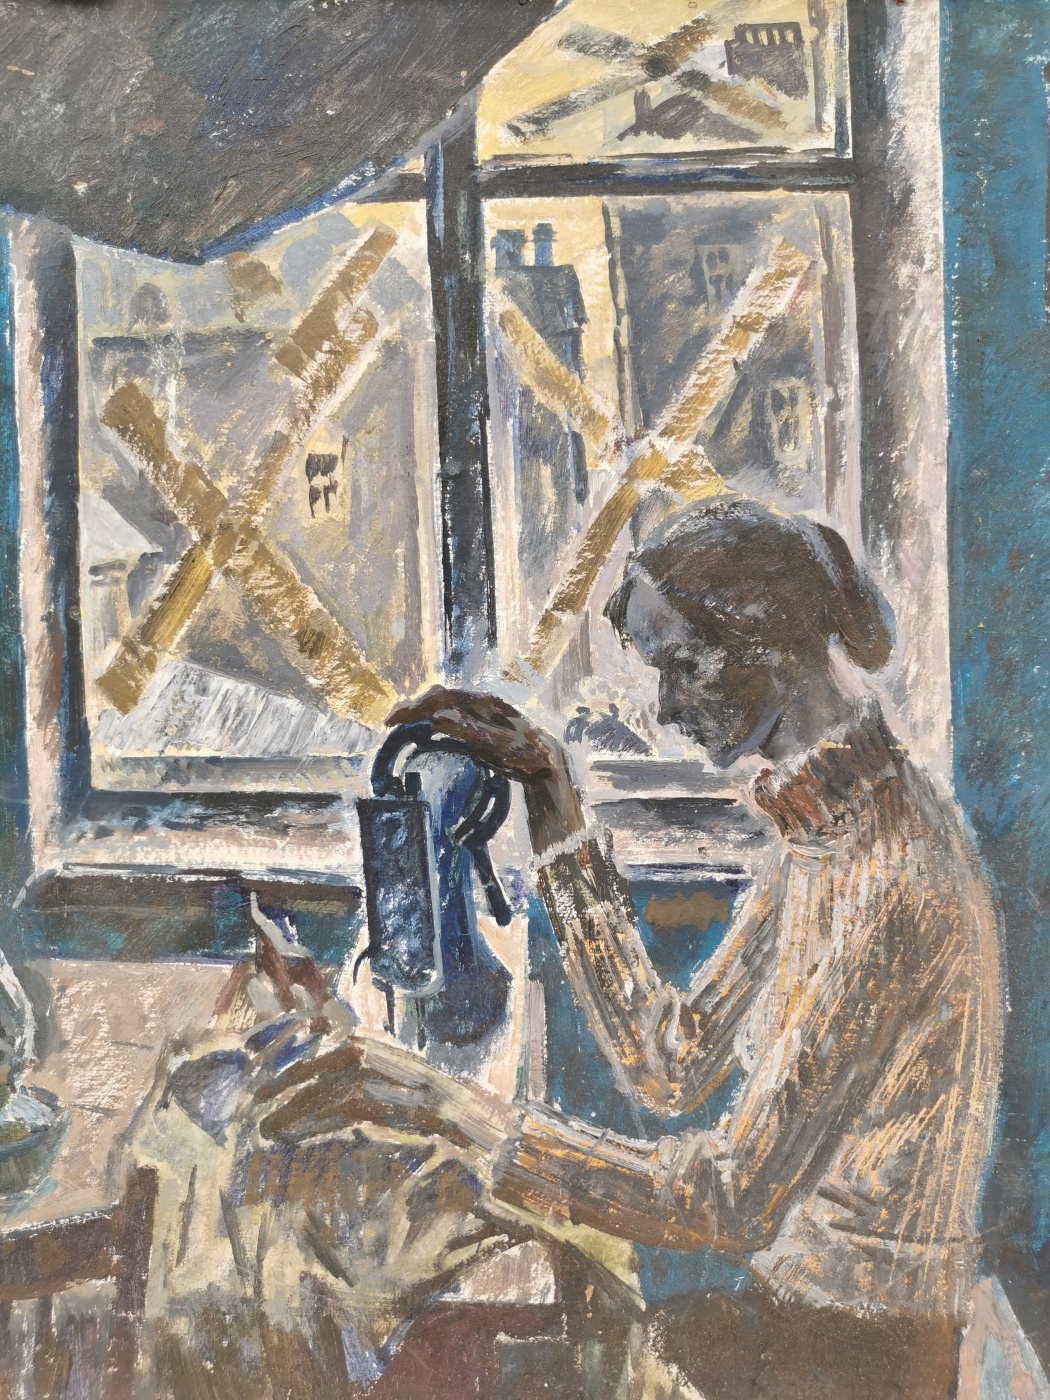 Yuri Alexandrovich Garikov. Difficult years